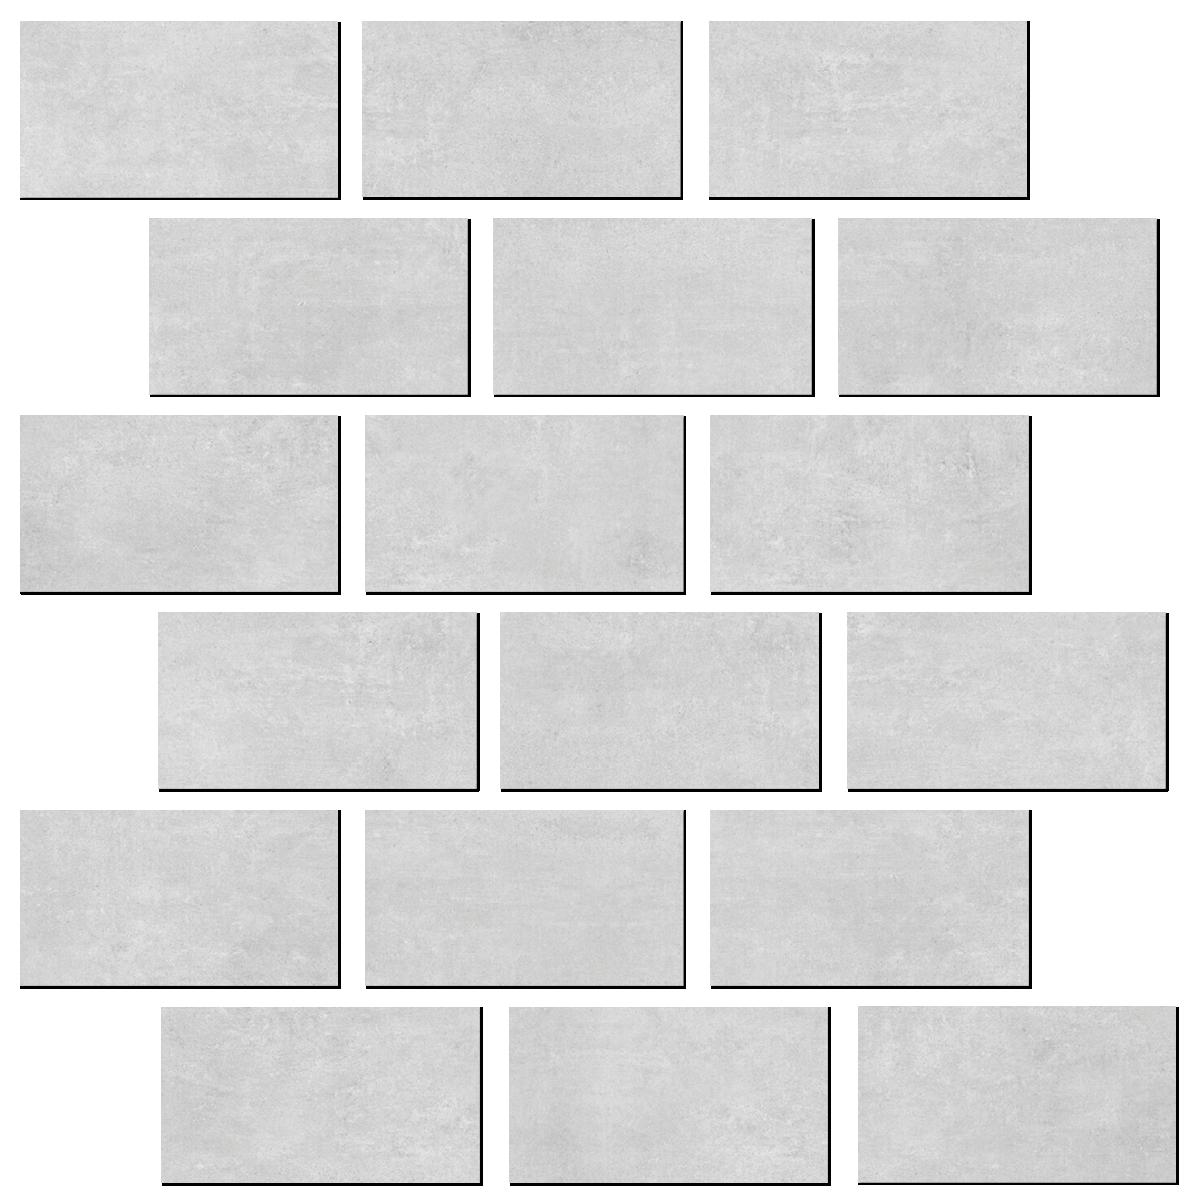 MIRA Typ H grey Image